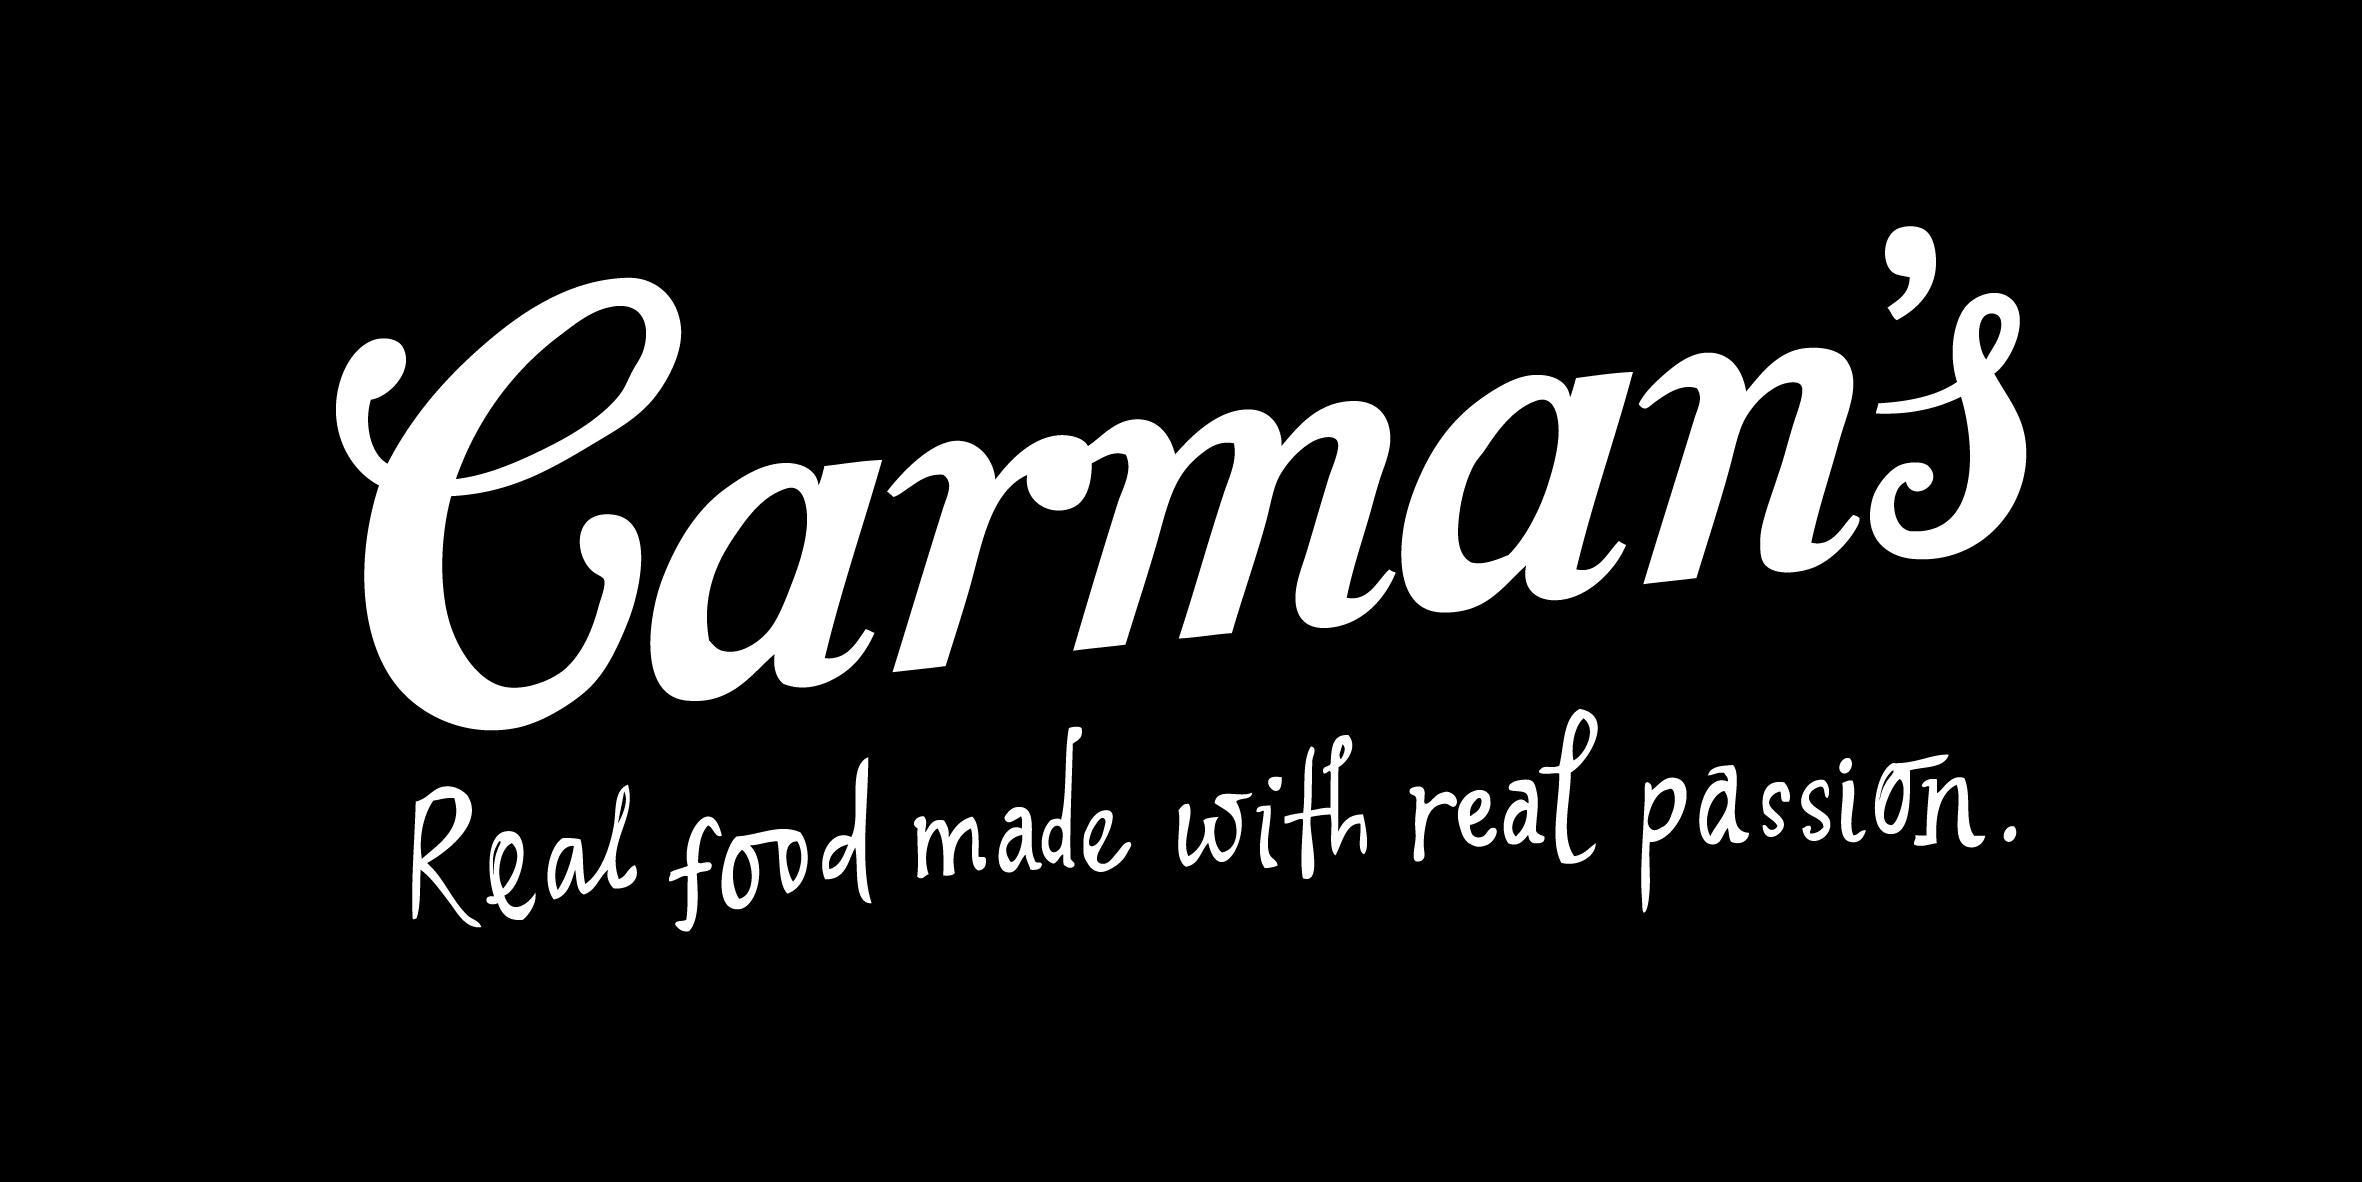 Carman's logo in black rectangle (with tagline).jpg